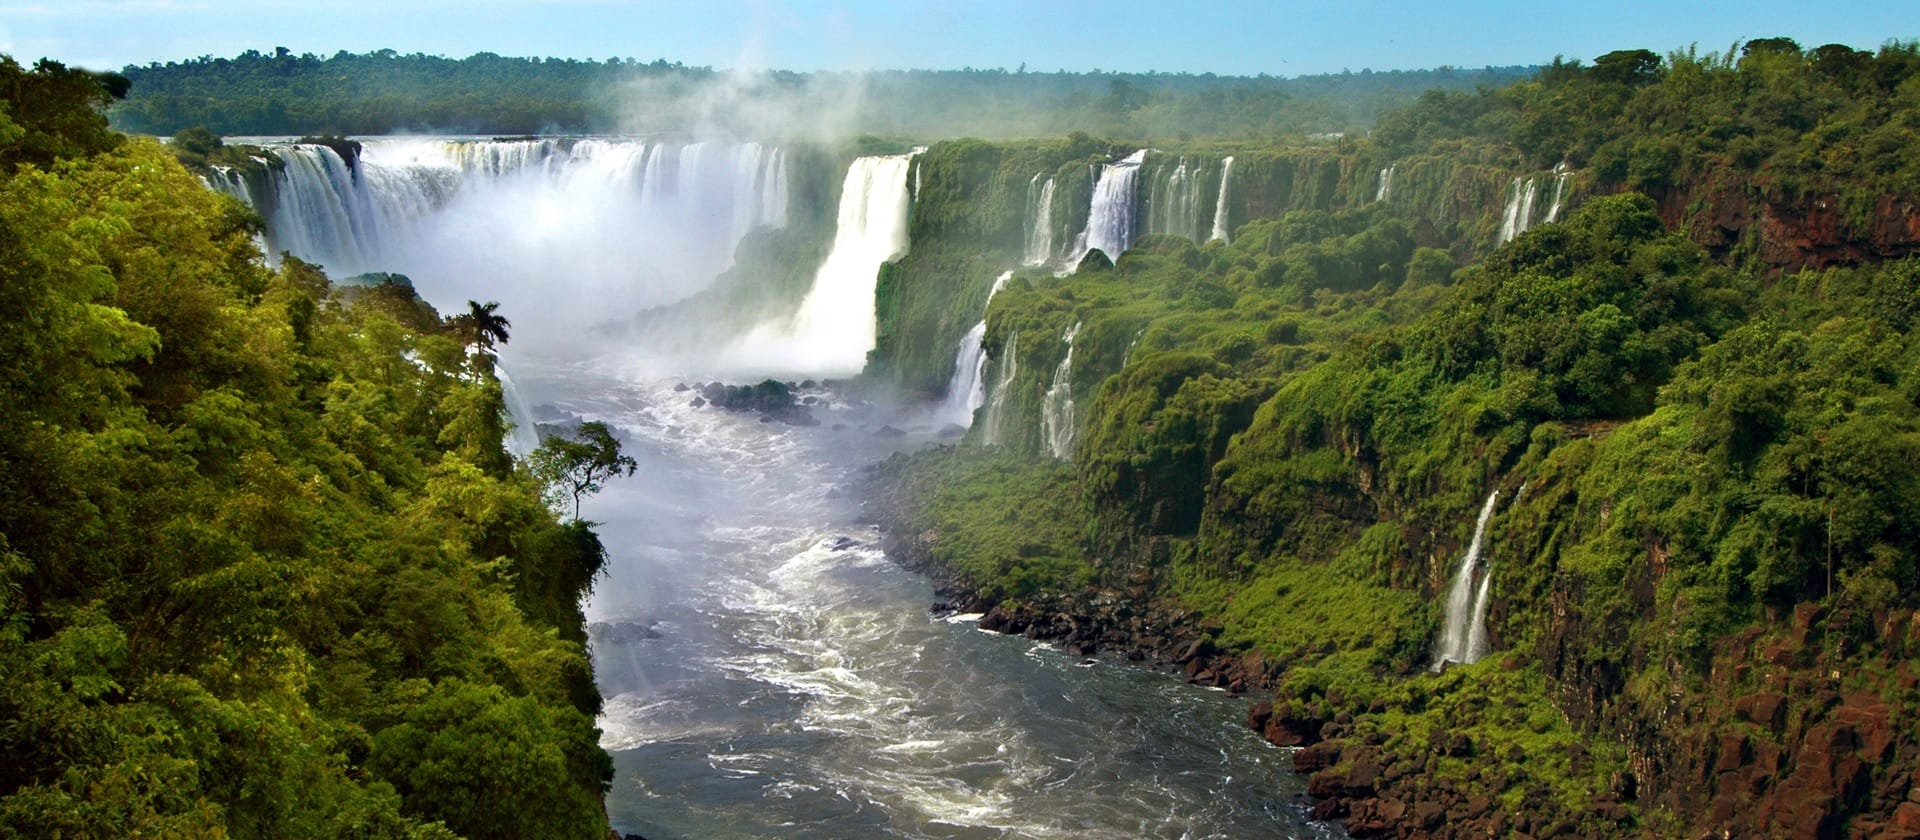 Iguazu waterfalls trips in Argentina